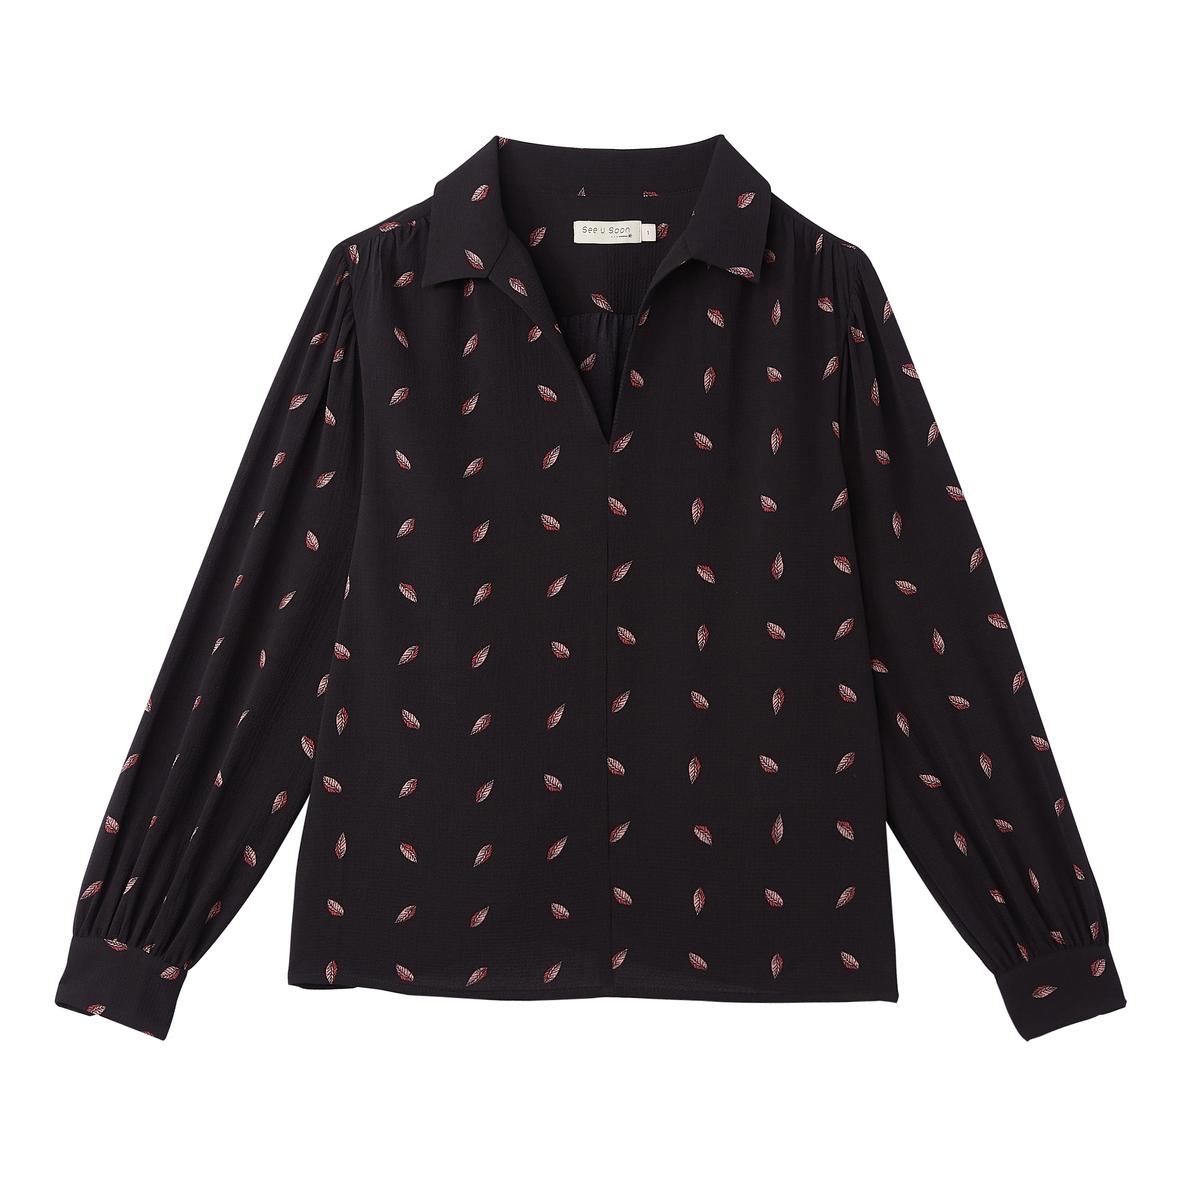 Блузка с v-образным вырезом с принтом и длинными рукавами блузка с принтом